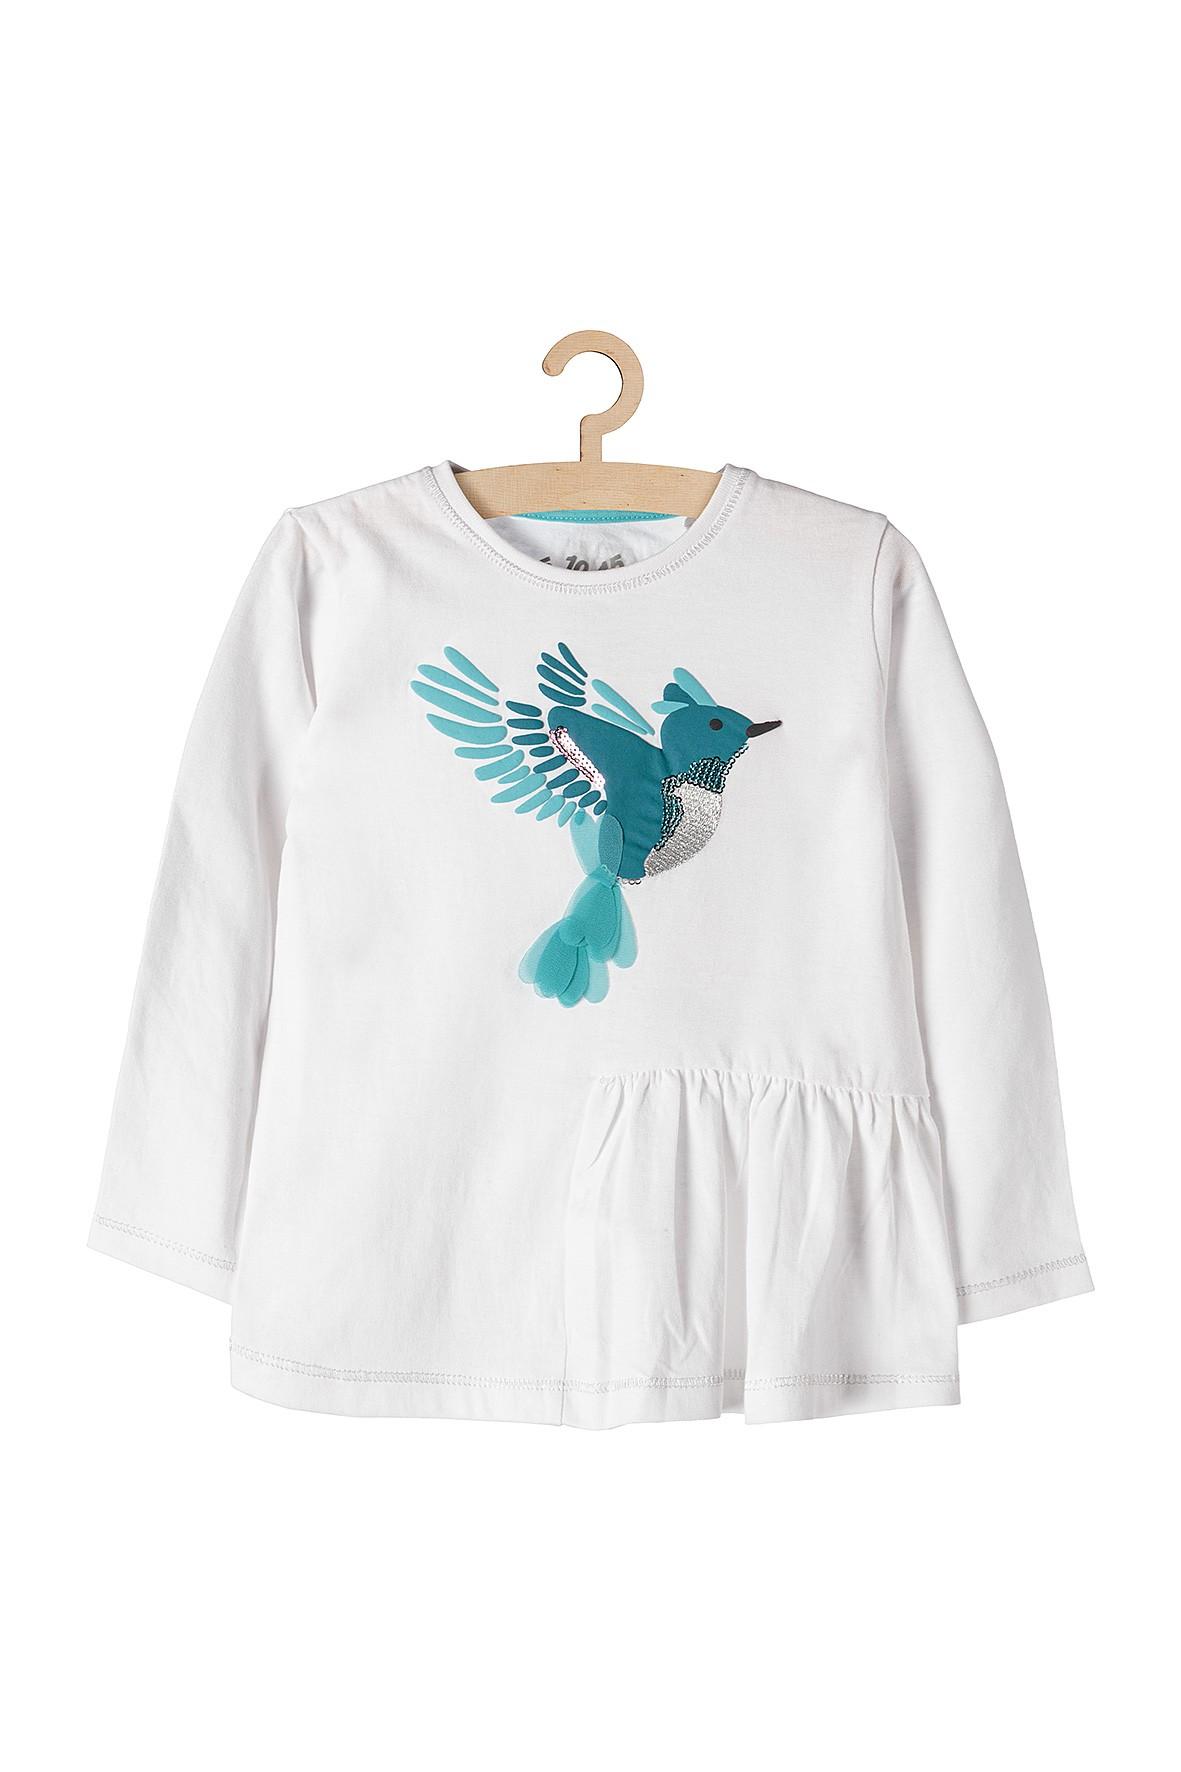 Bluzka dziewczęca biała z kolibrem i ozdobną falbanką na dole